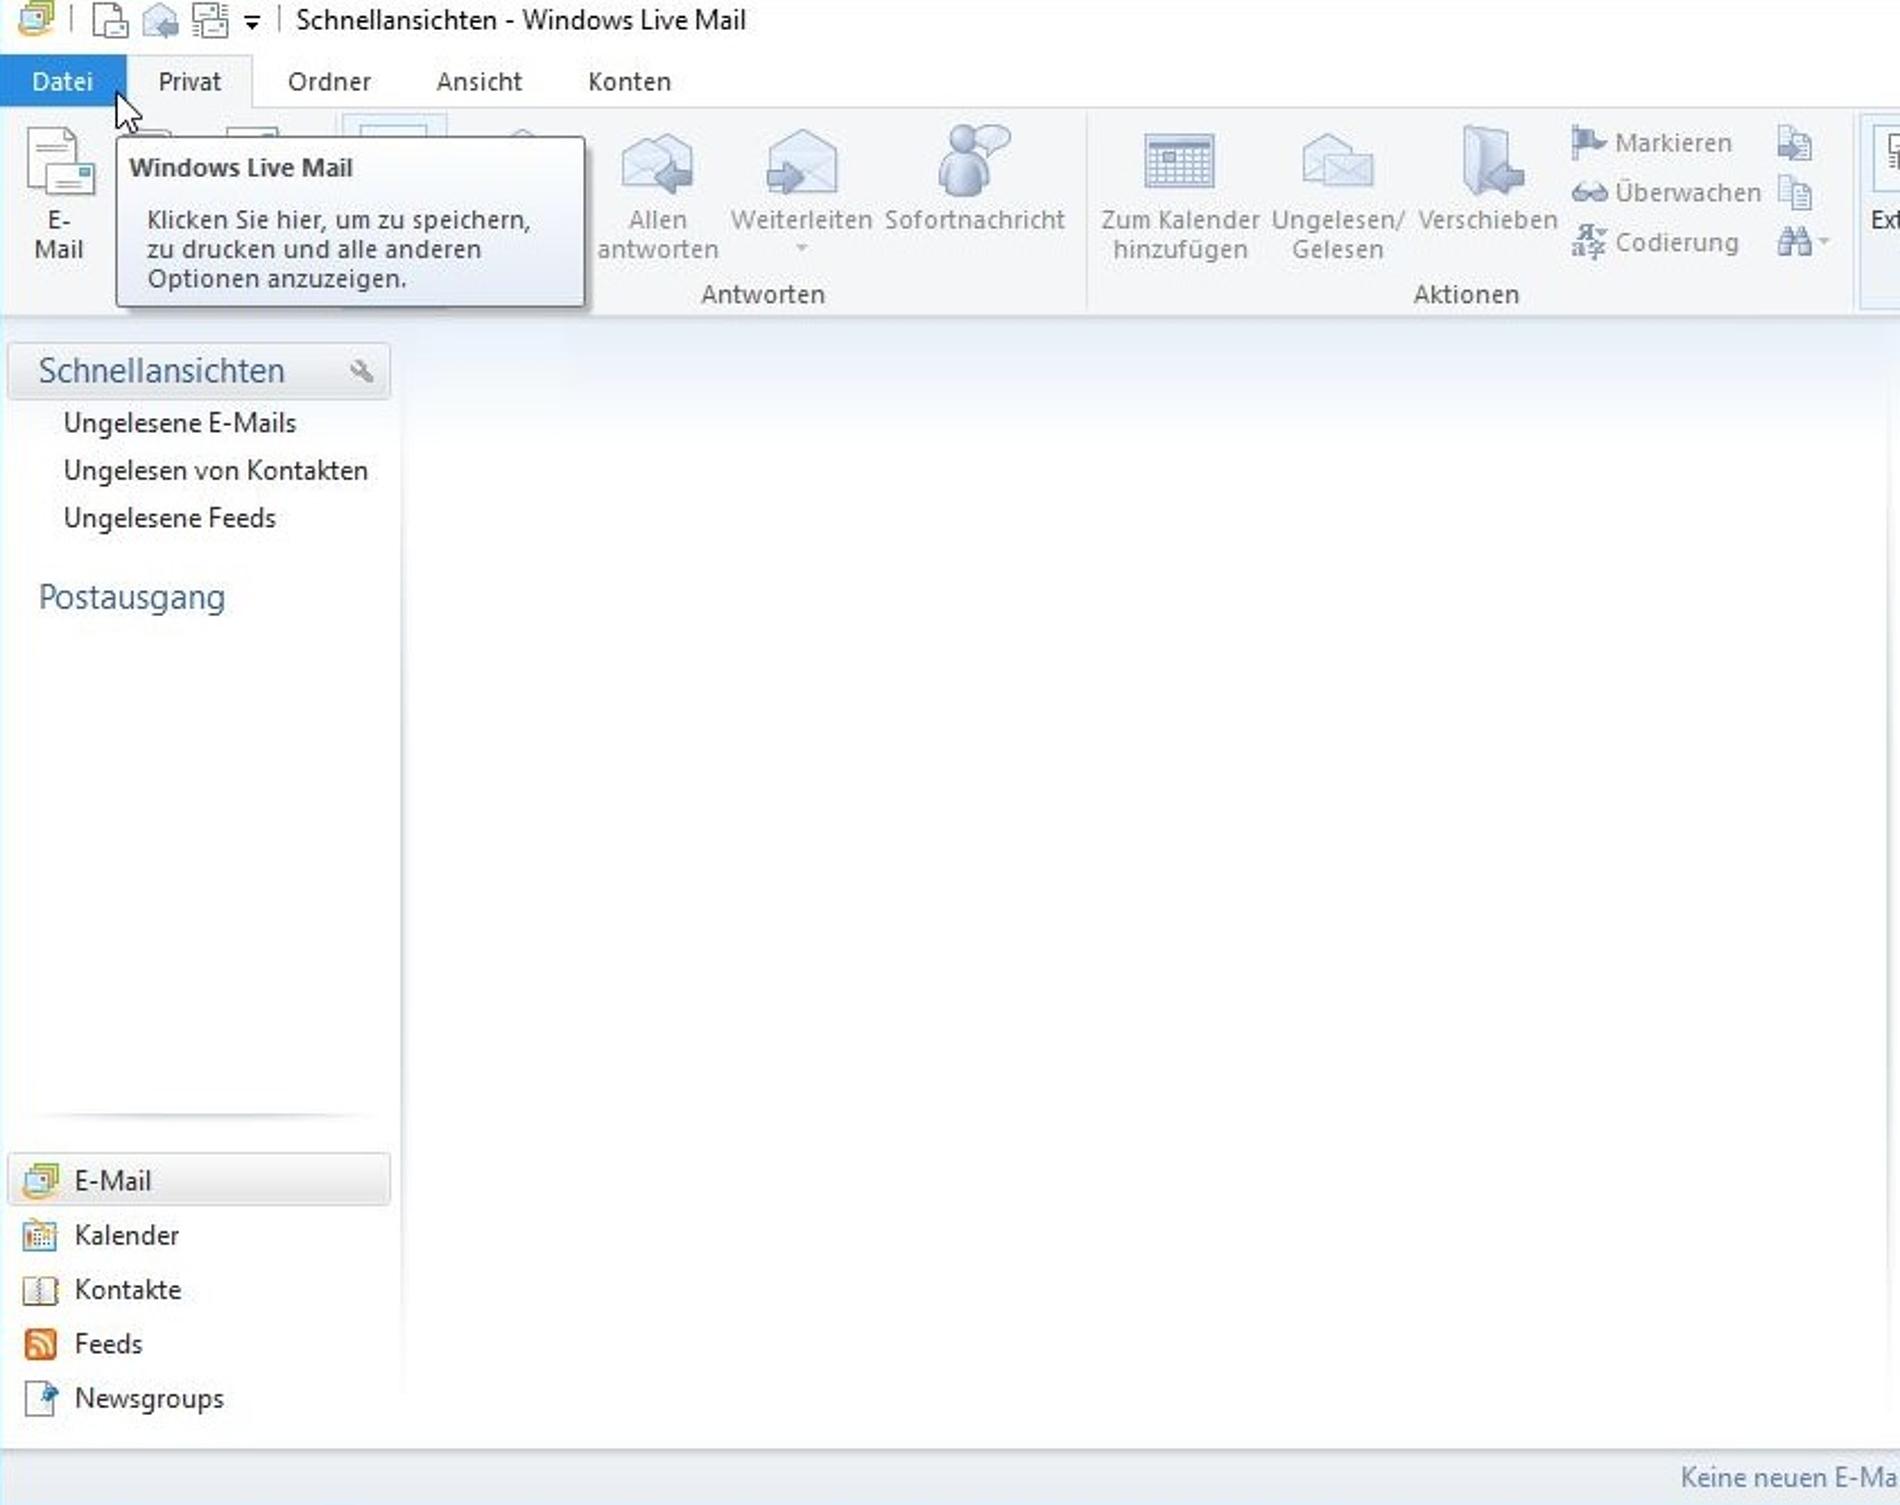 Anleitung - neues E-Mail-Konto einrichten - Windows Live Mail